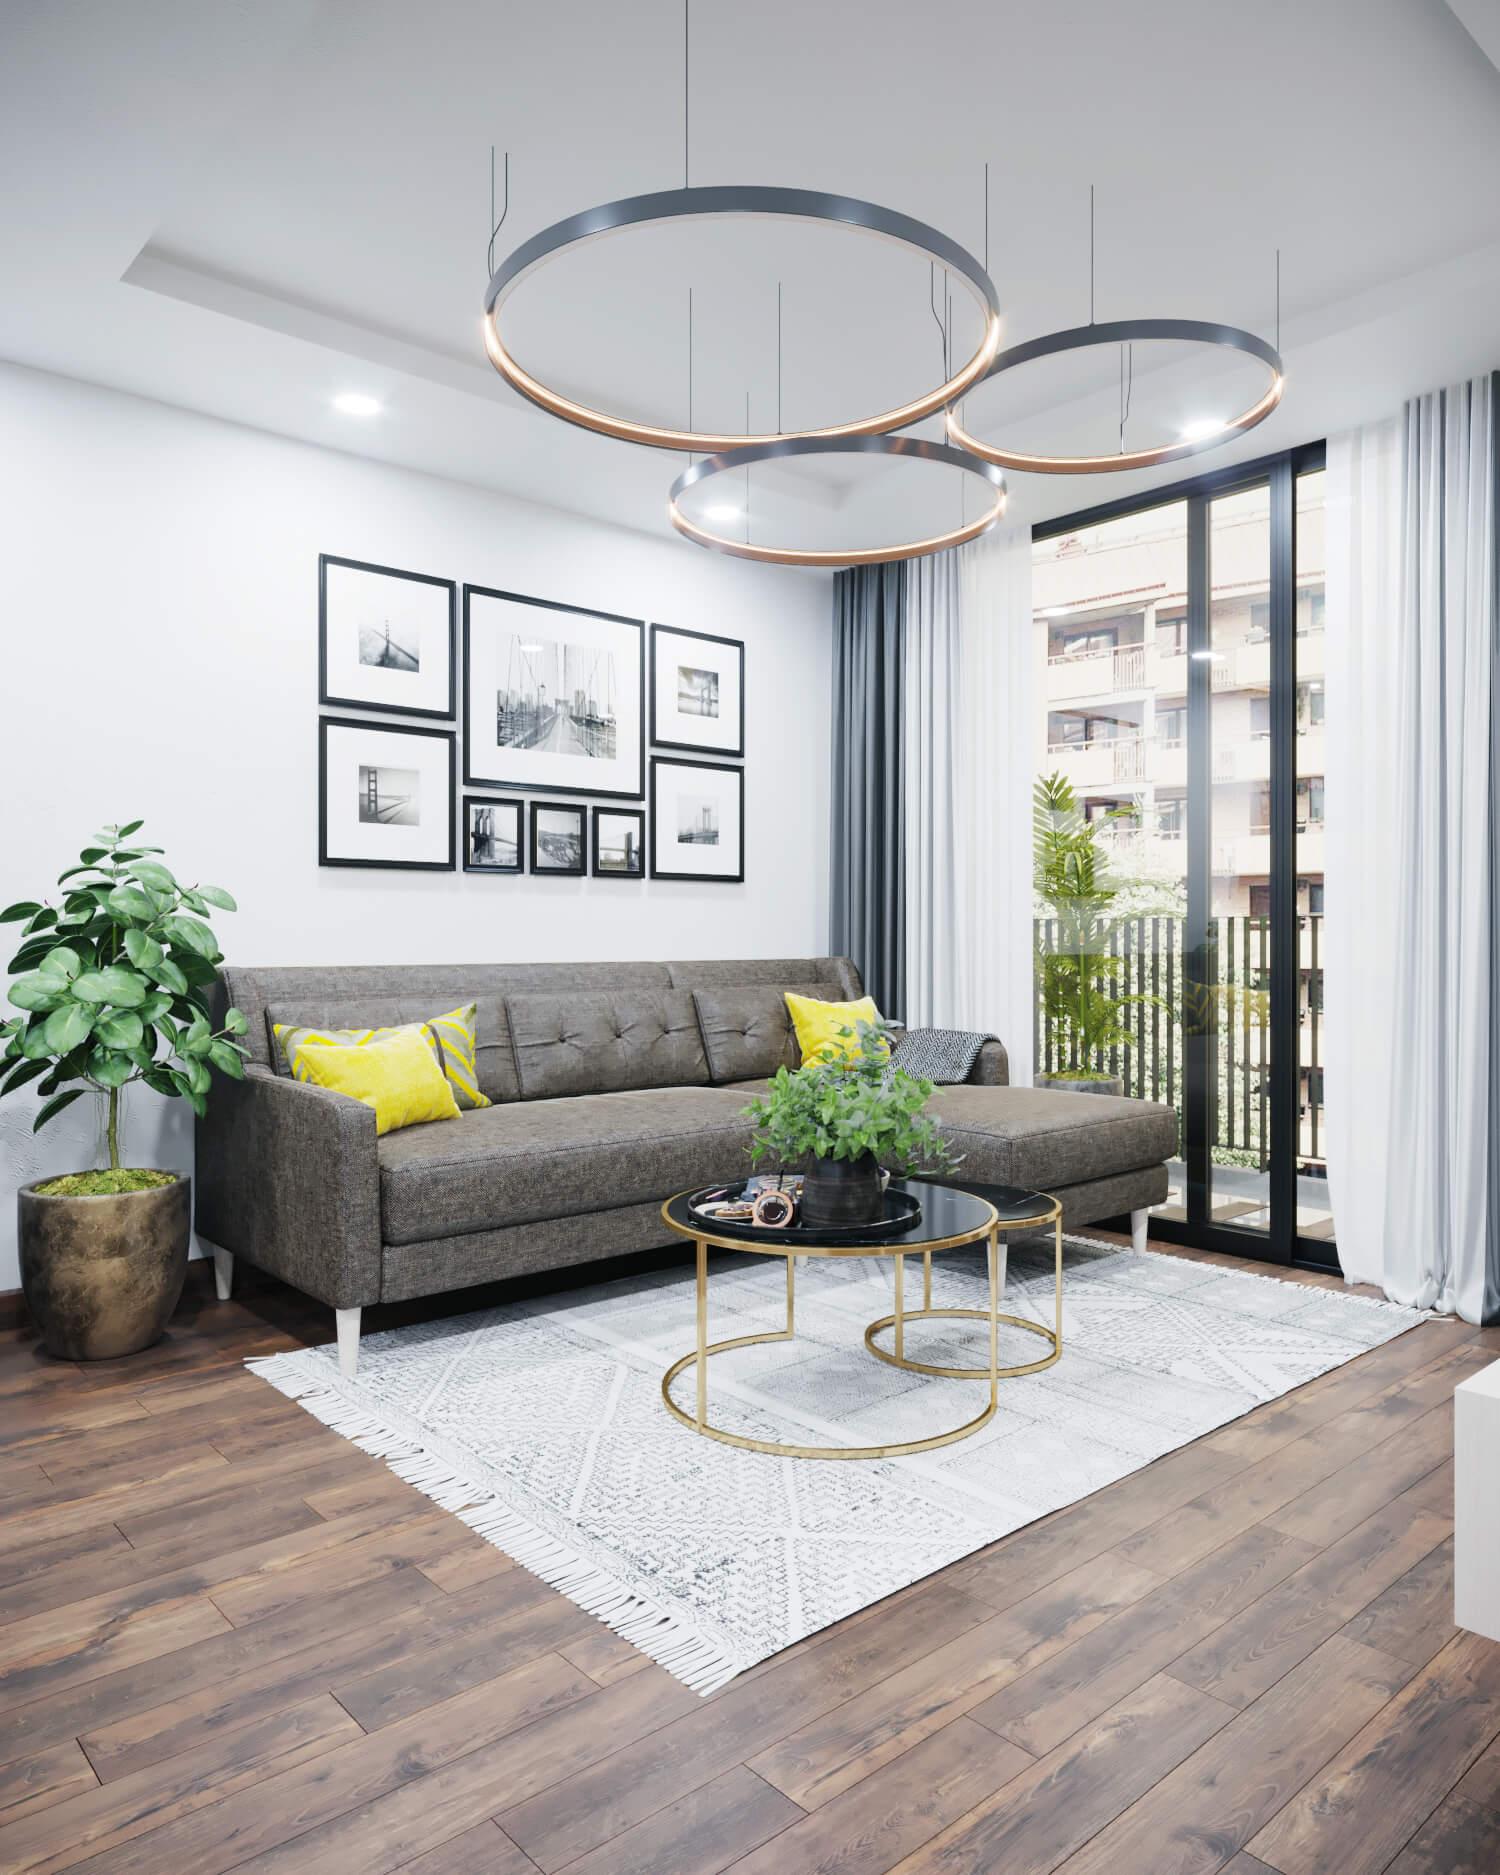 Những lưu ý khi thiết kế nội thất chung cư nhỏ 3